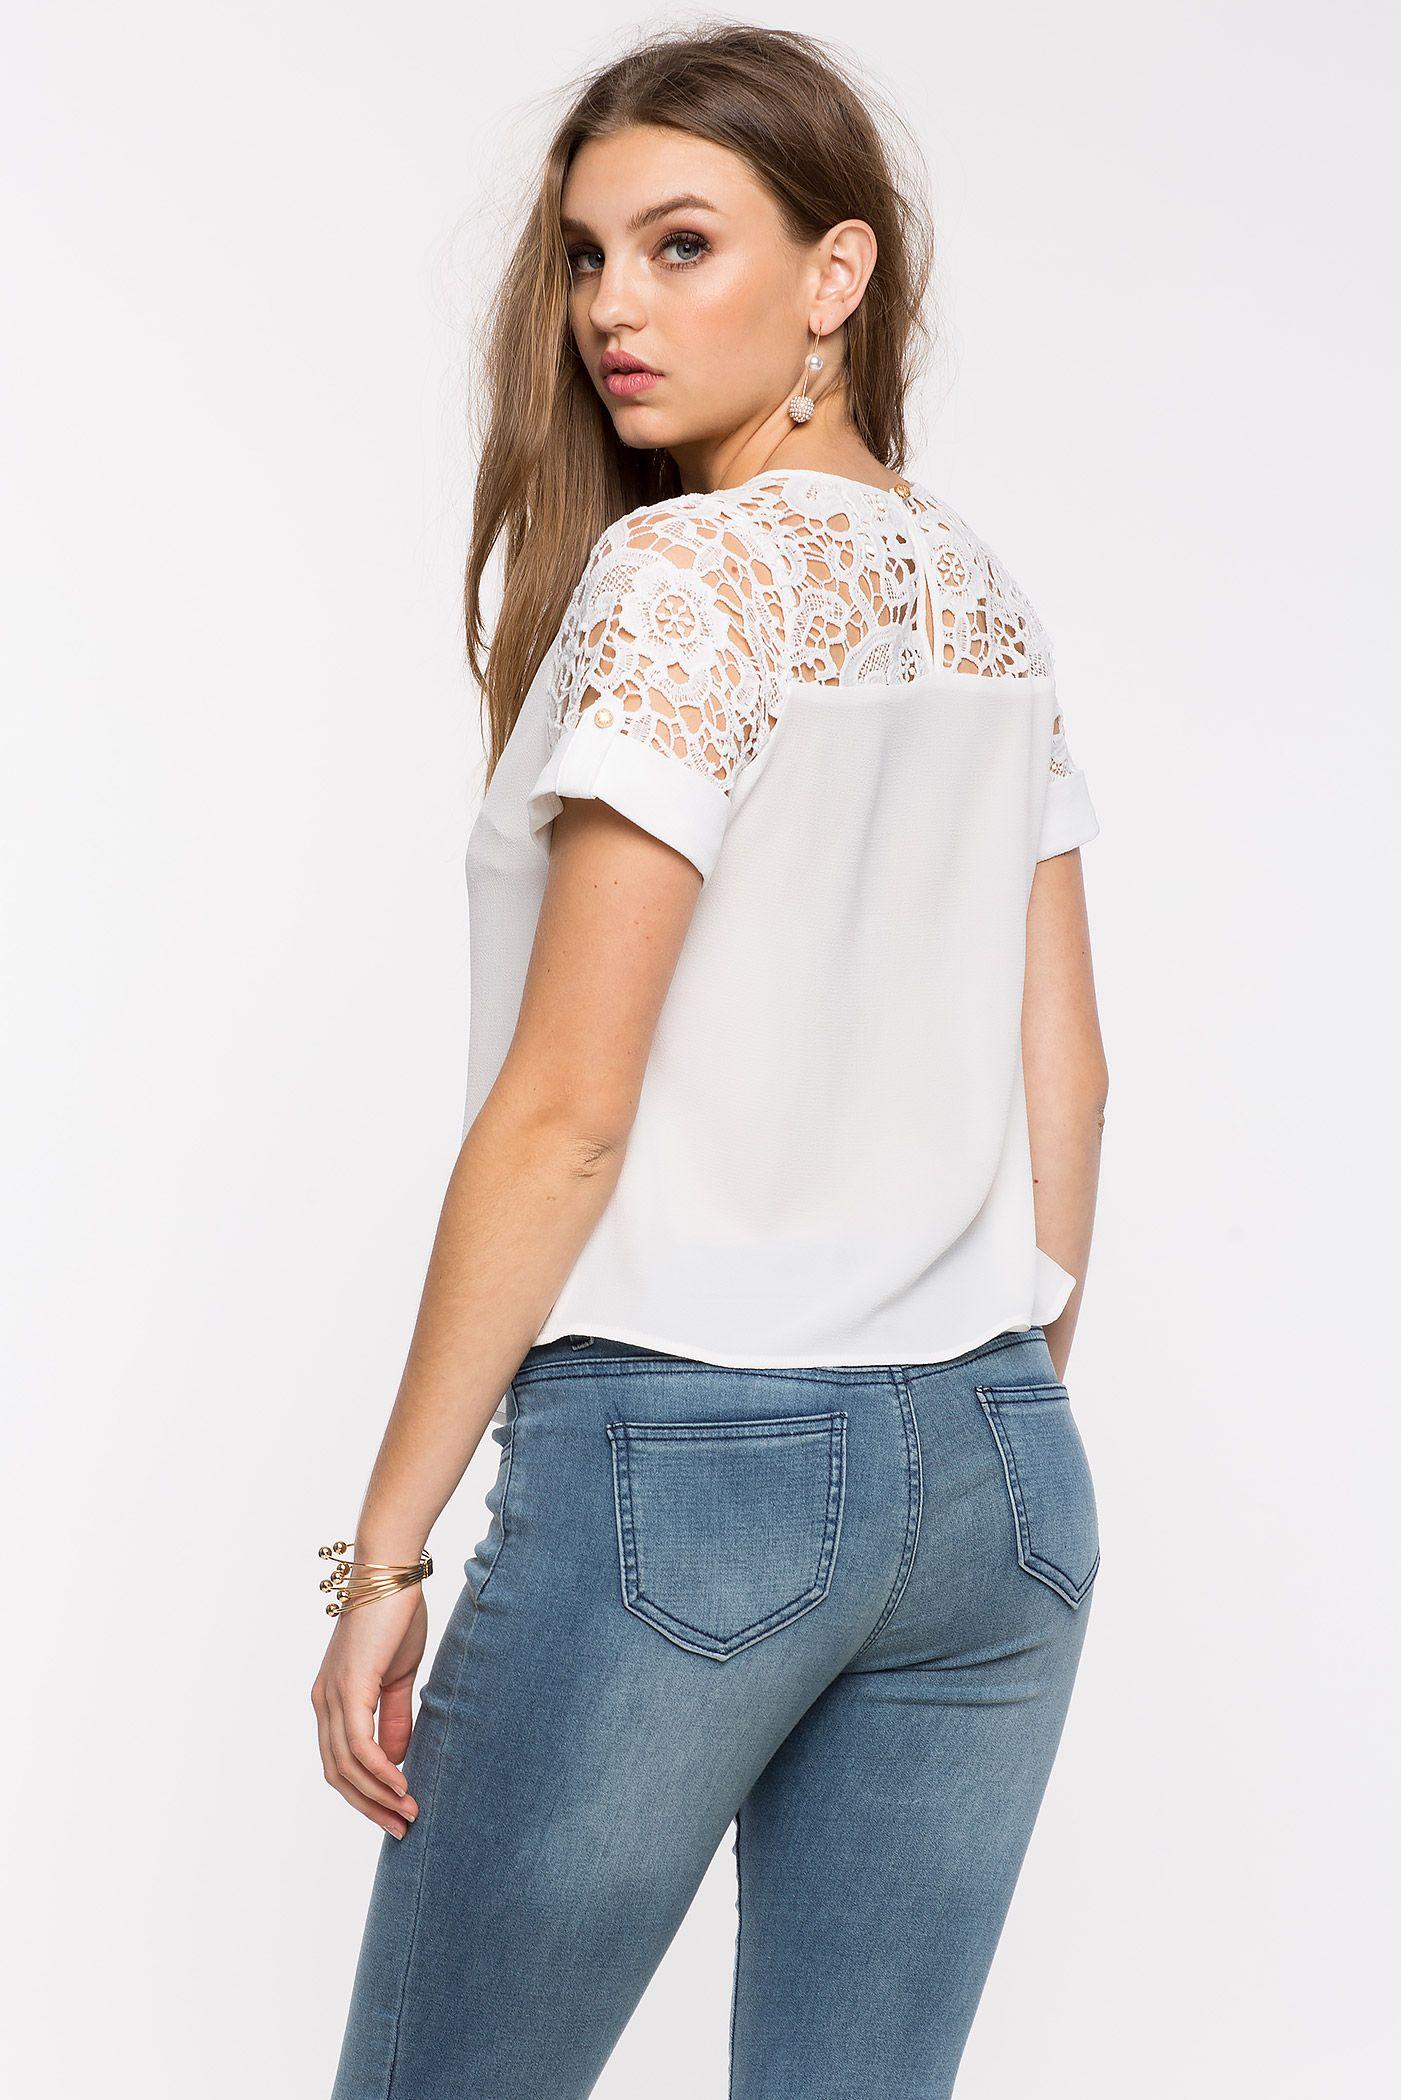 Блуза Размеры: S, M, L Цвет: белый, розовый, коралловый, банановый Цена: 1217 руб.     #одежда #женщинам #блузы #коопт